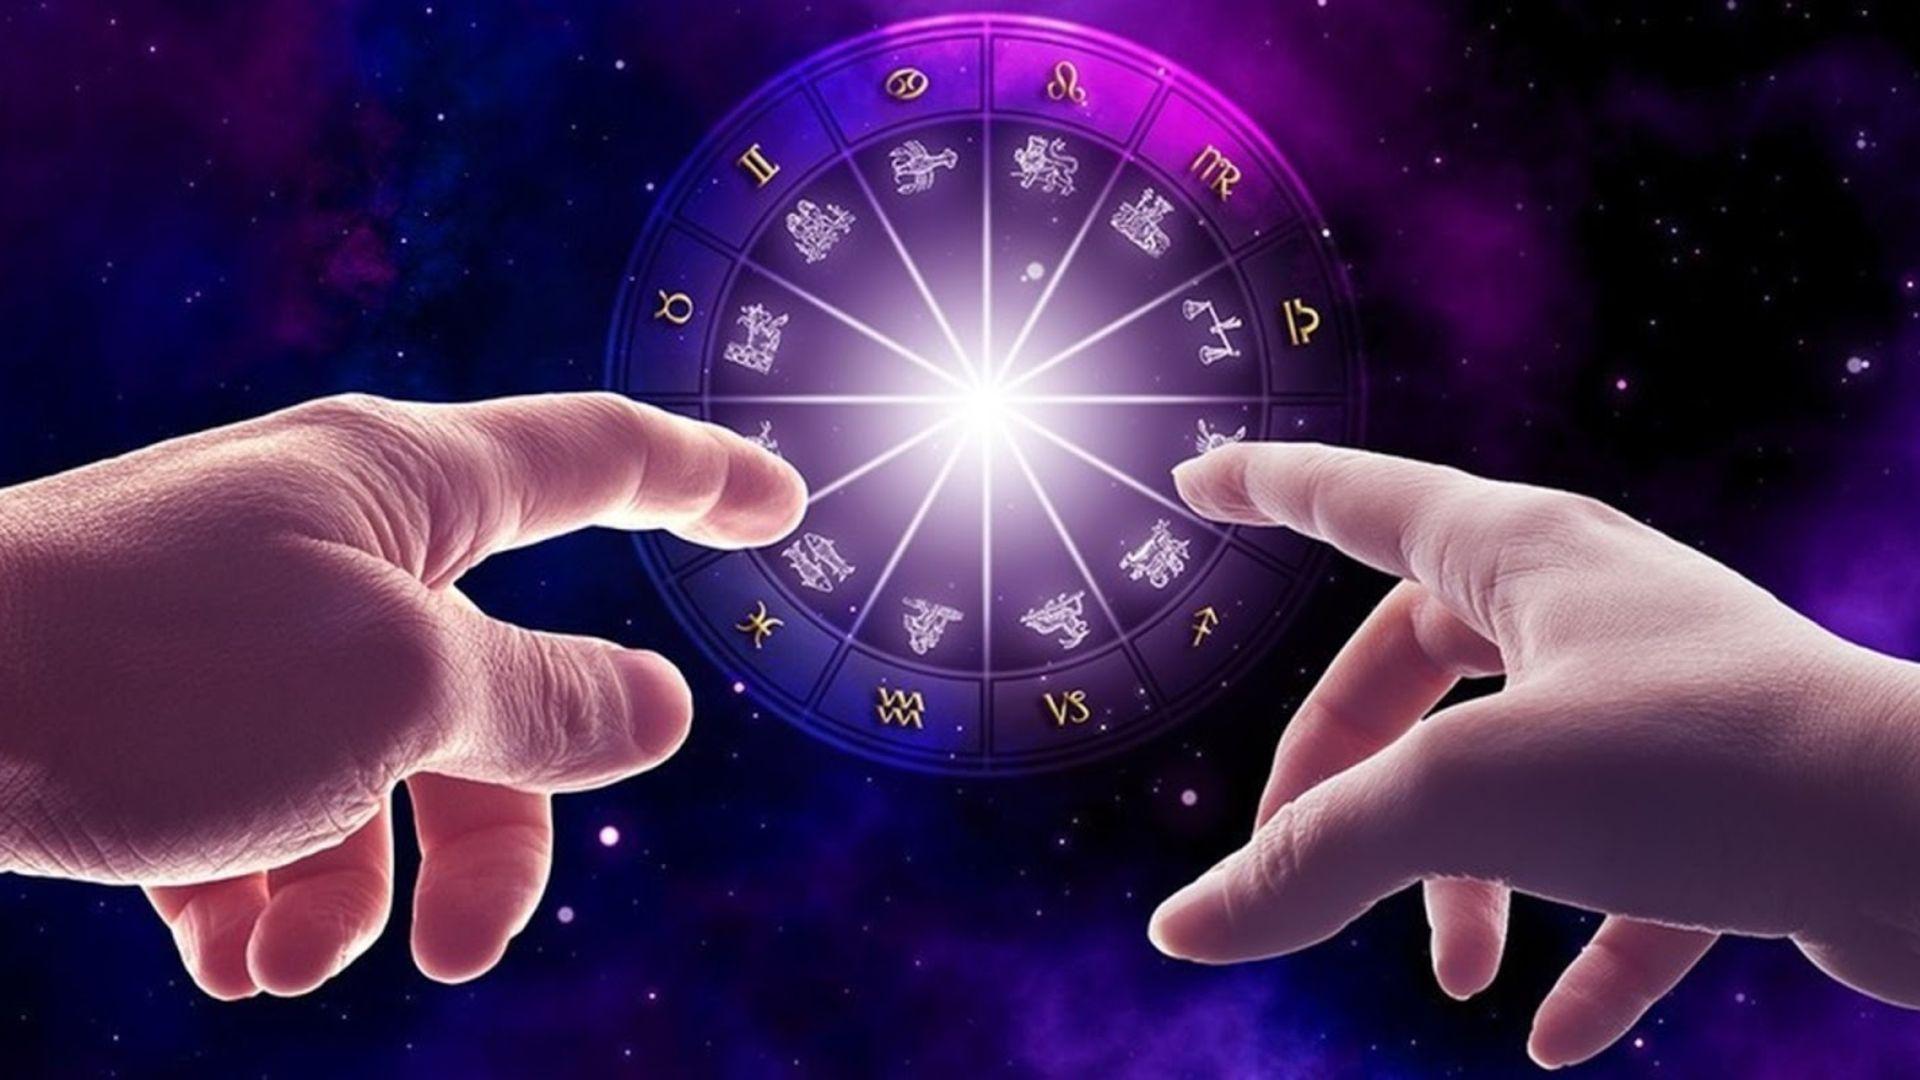 Астрология картинки хорошего качества